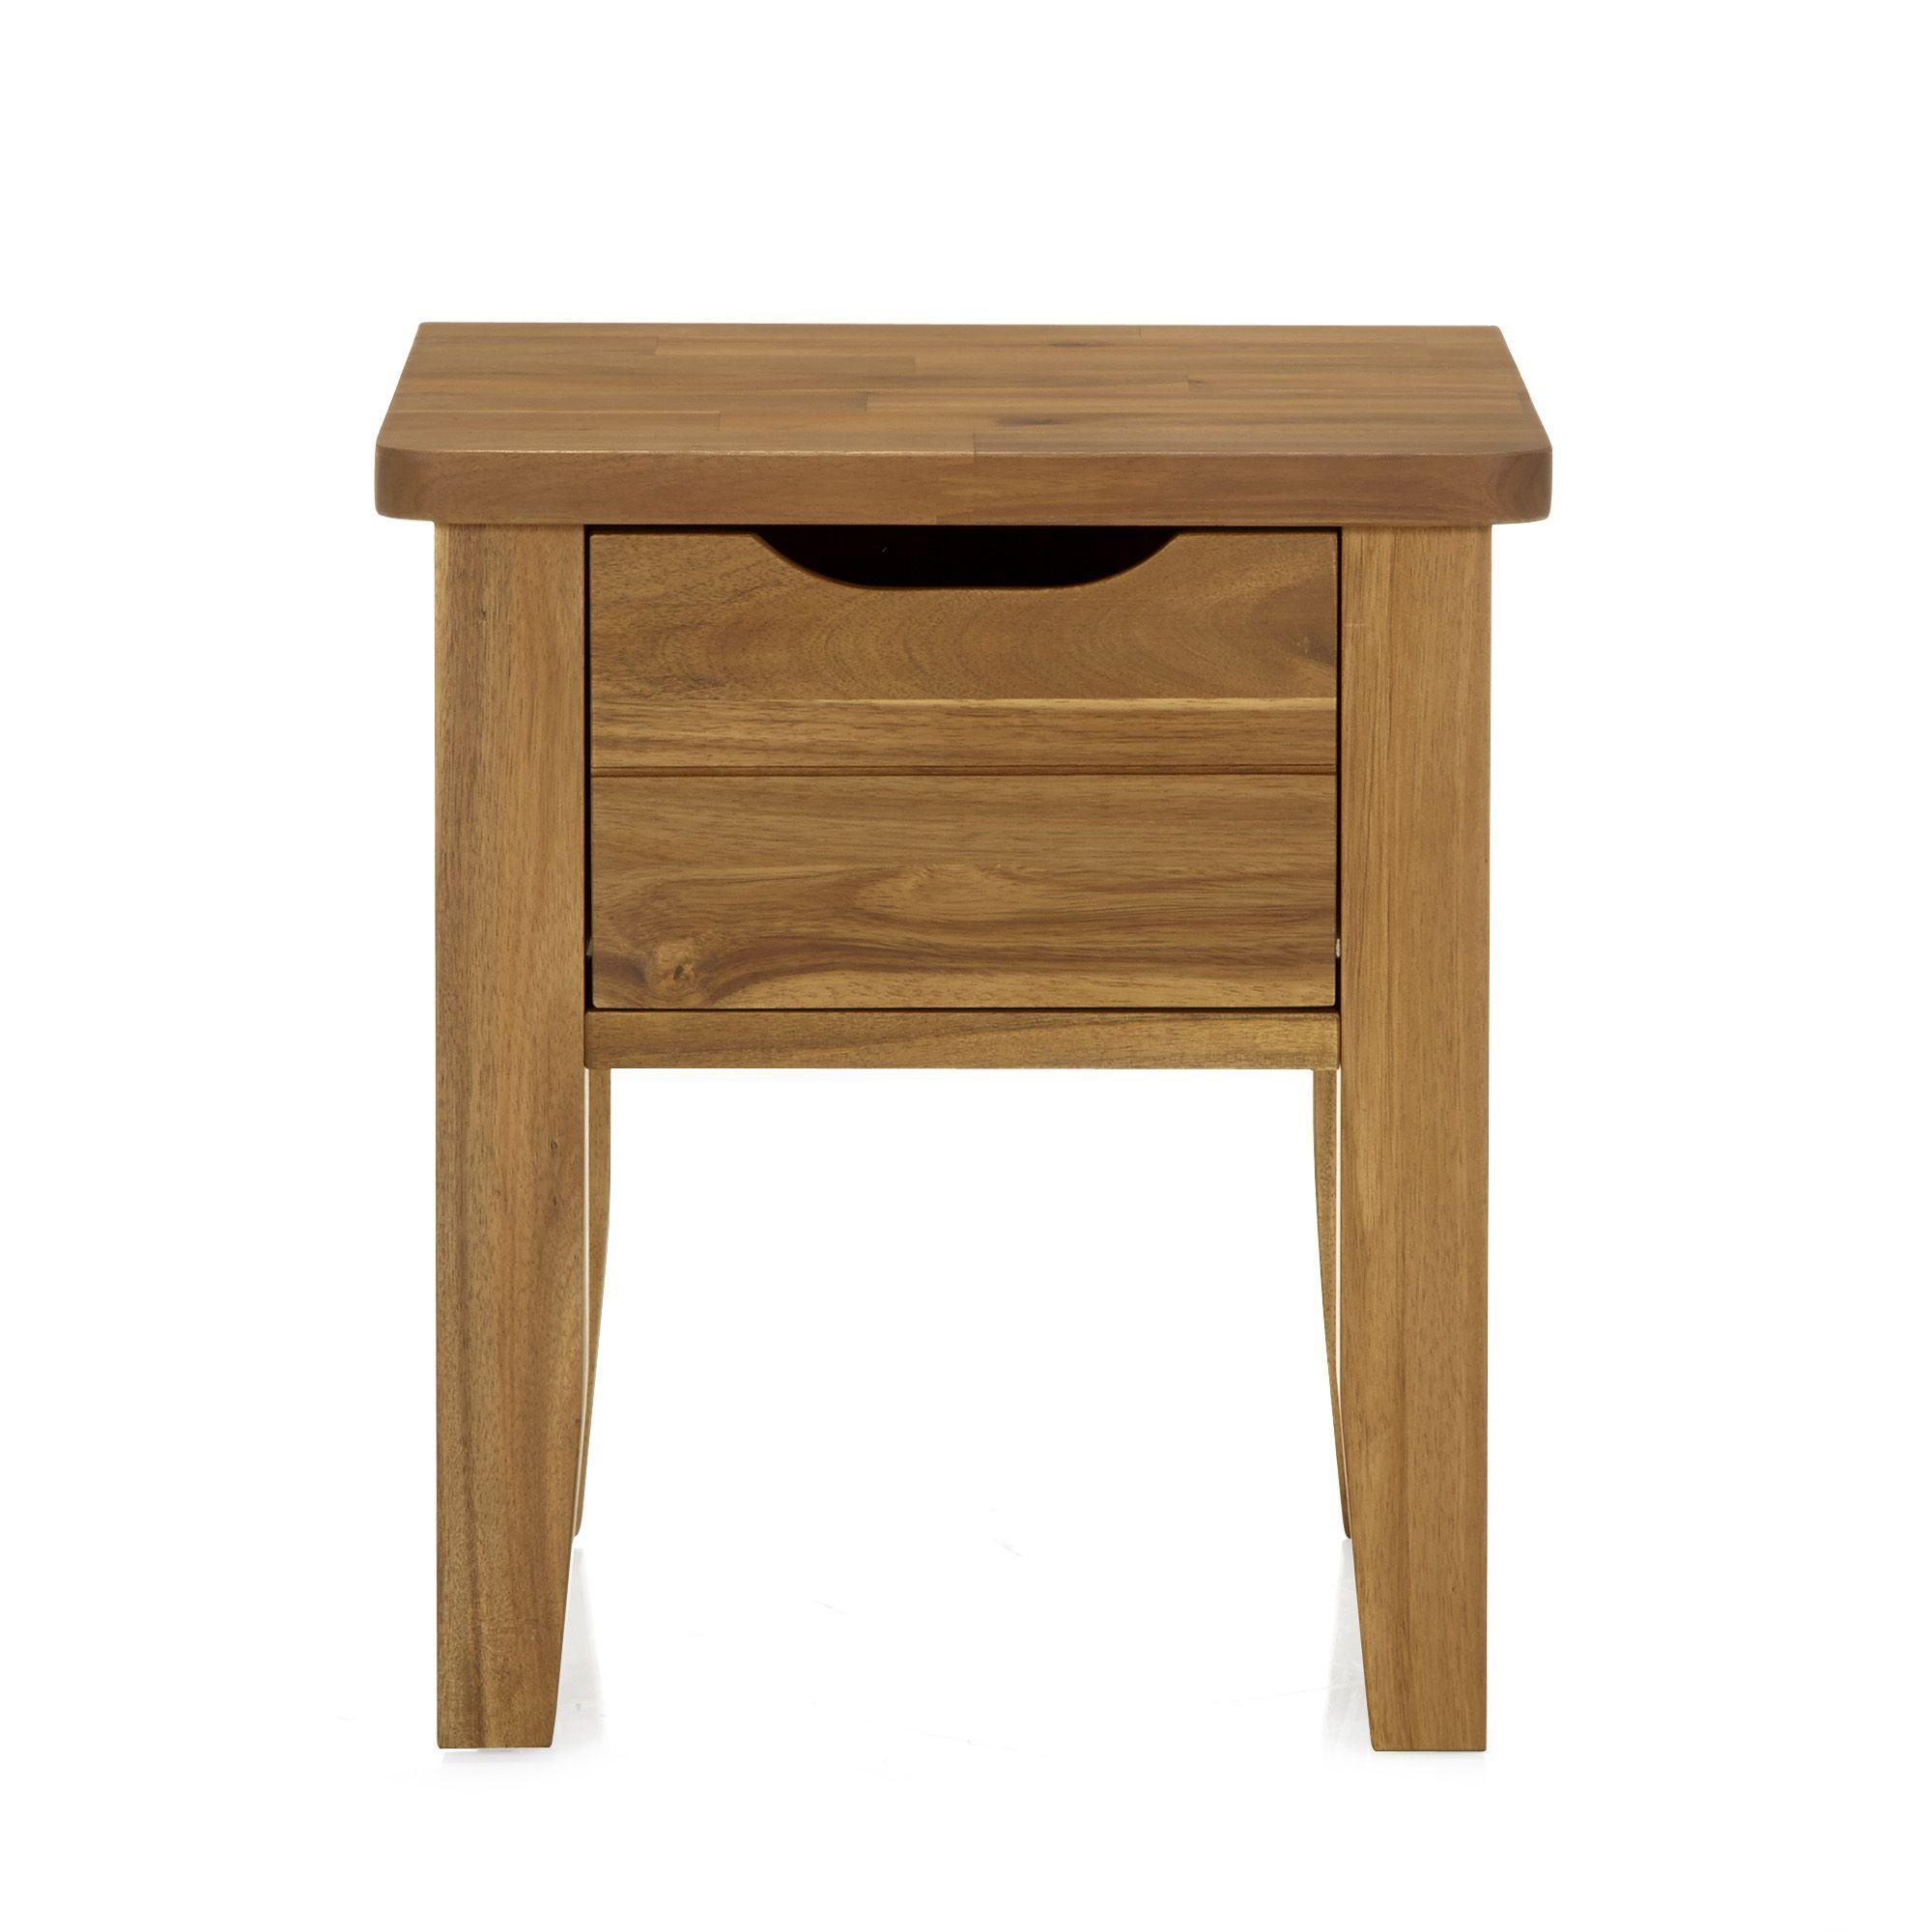 chevet avec 1 tiroir naturelle huile songma tables de chevet tous les meubles - Table De Nuit Alinea